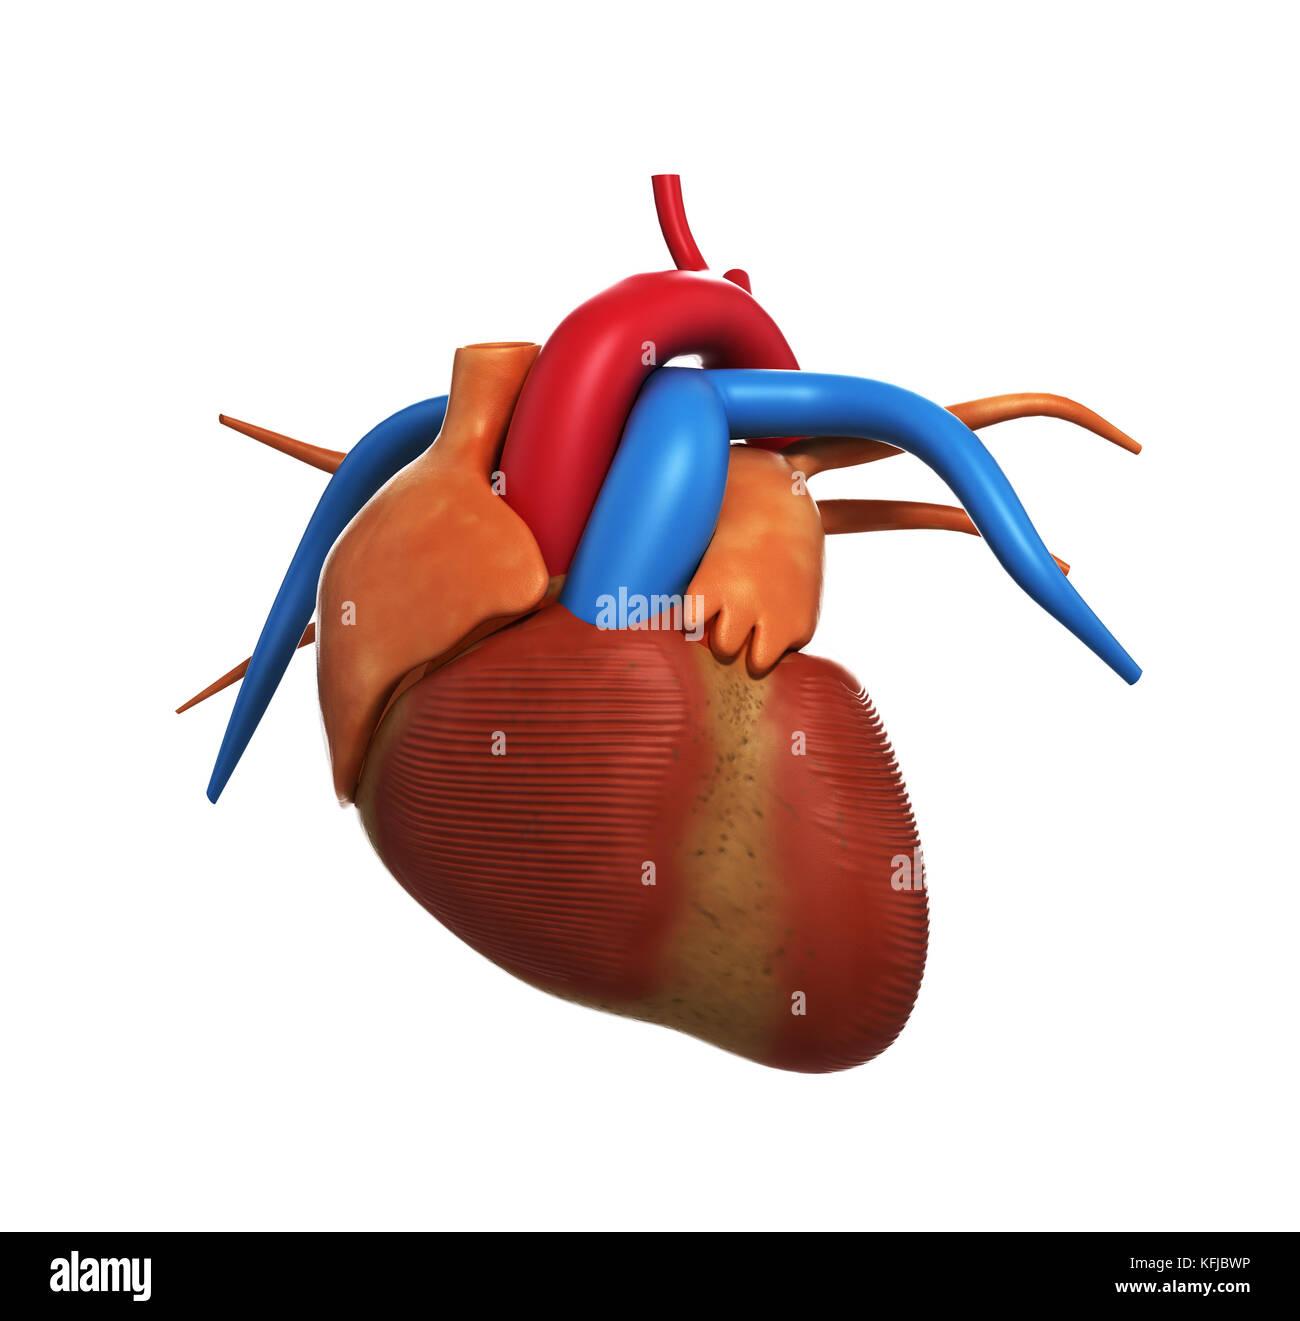 Corazón humano anatomía del corazón humano aislado en blanco 3D ...